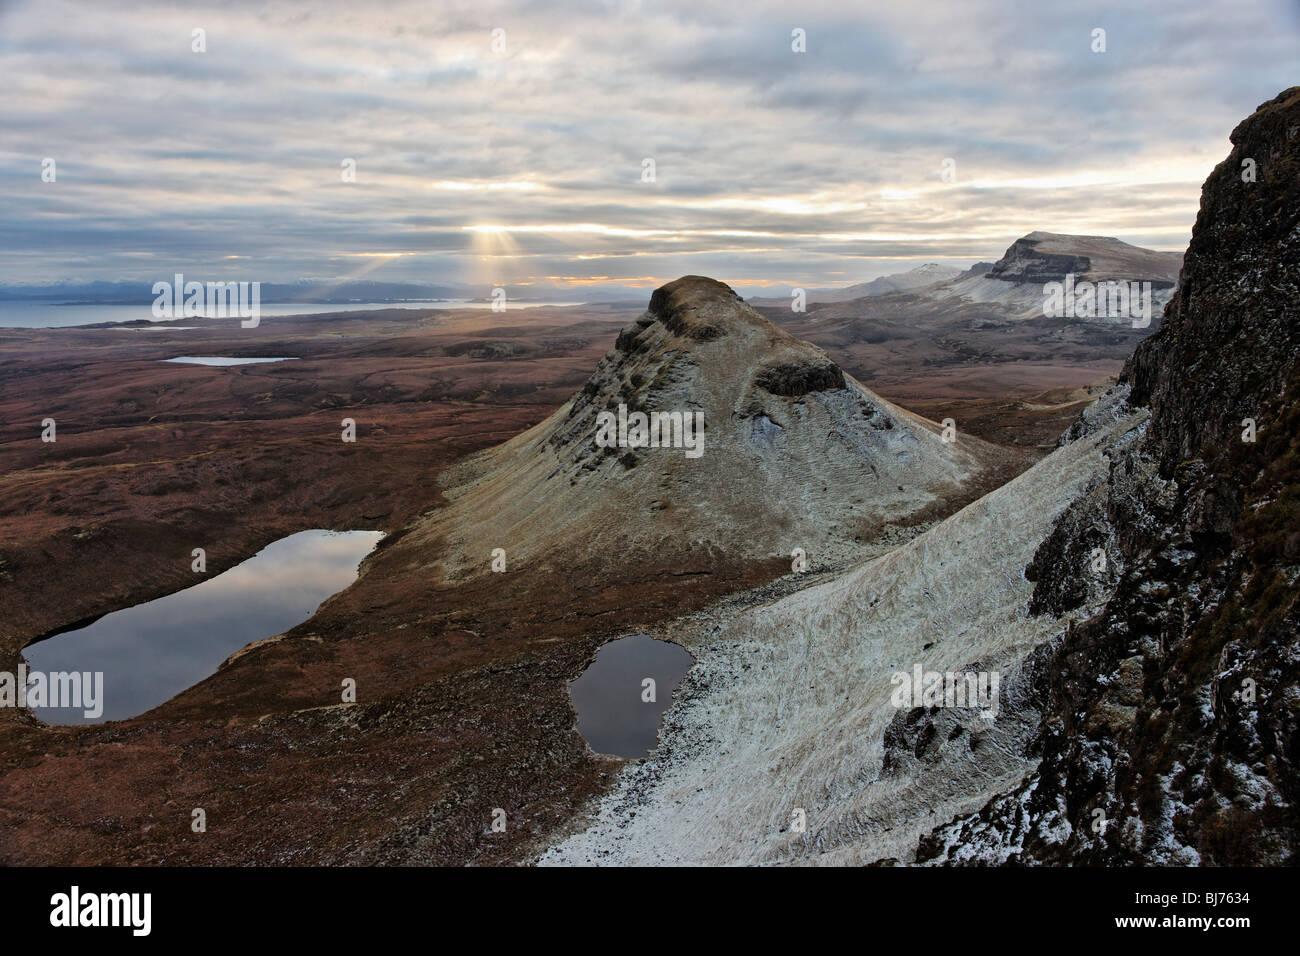 Cleat and the Trotternish scarp slope, Isle of Skye, Scotland, UK. - Stock Image